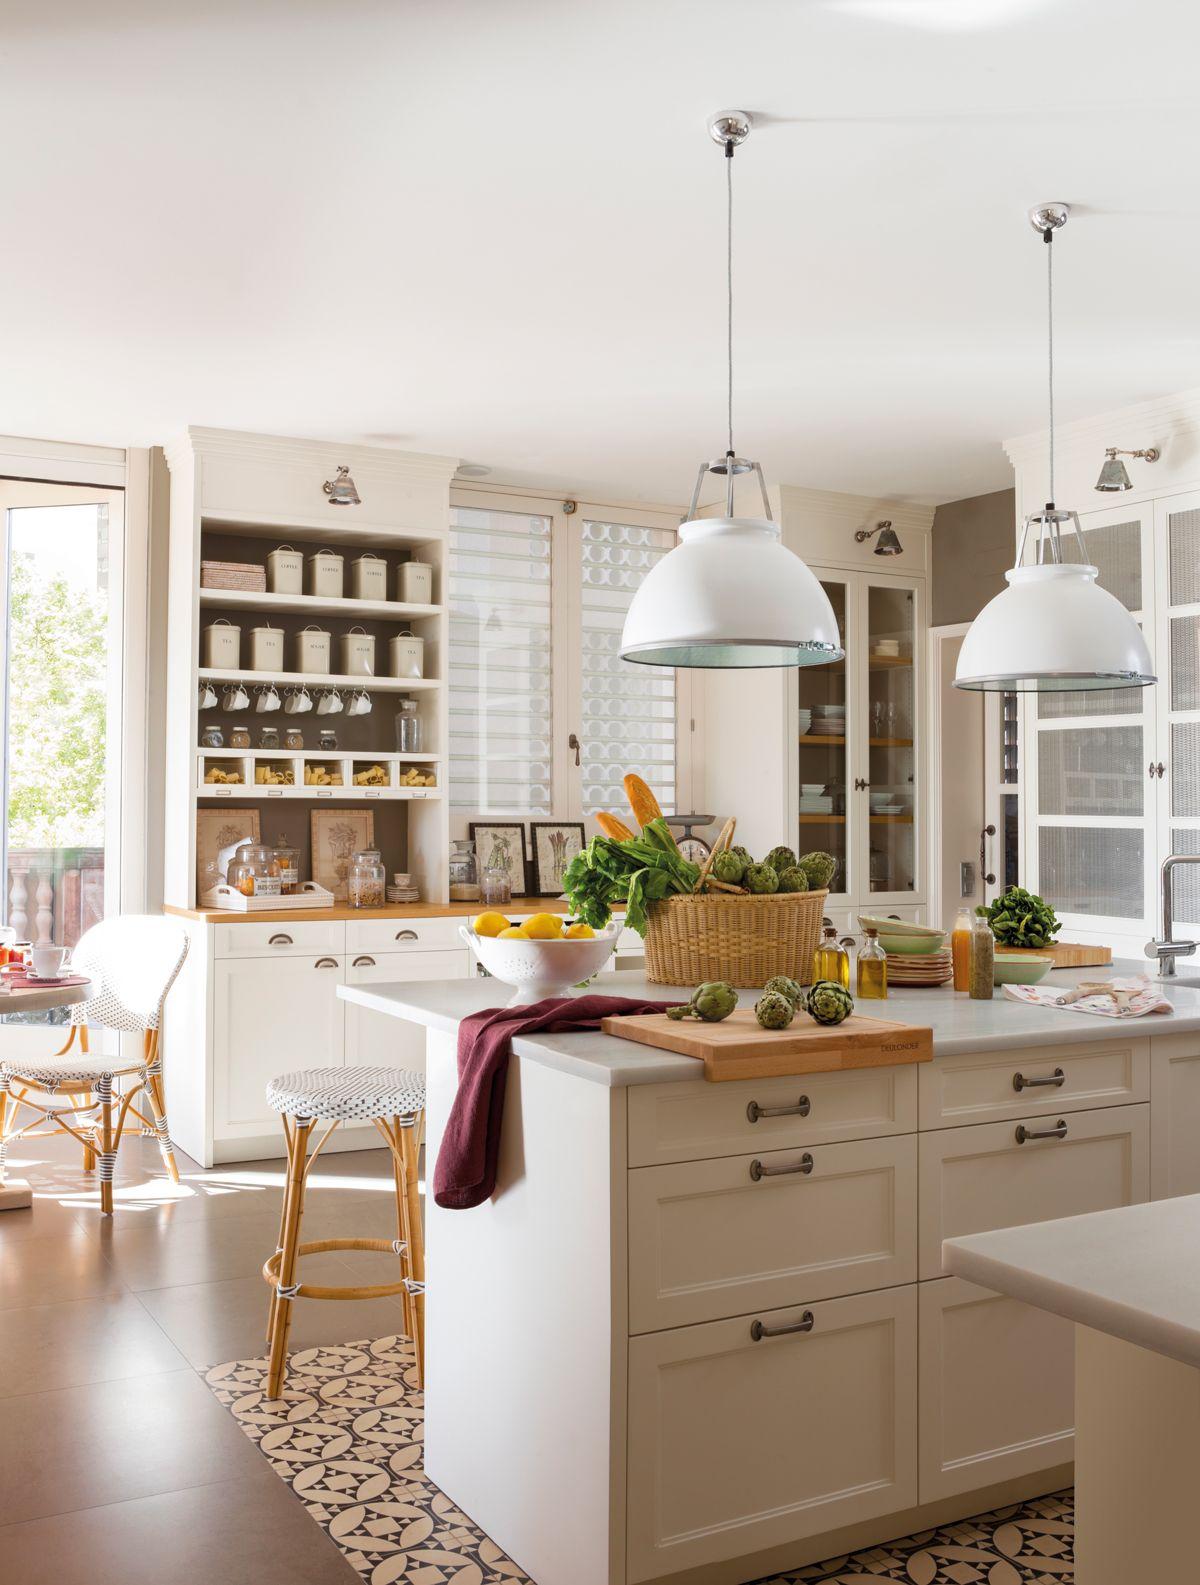 00379014. Cocina con isla, dos lámparas colgantes, office, barra ...